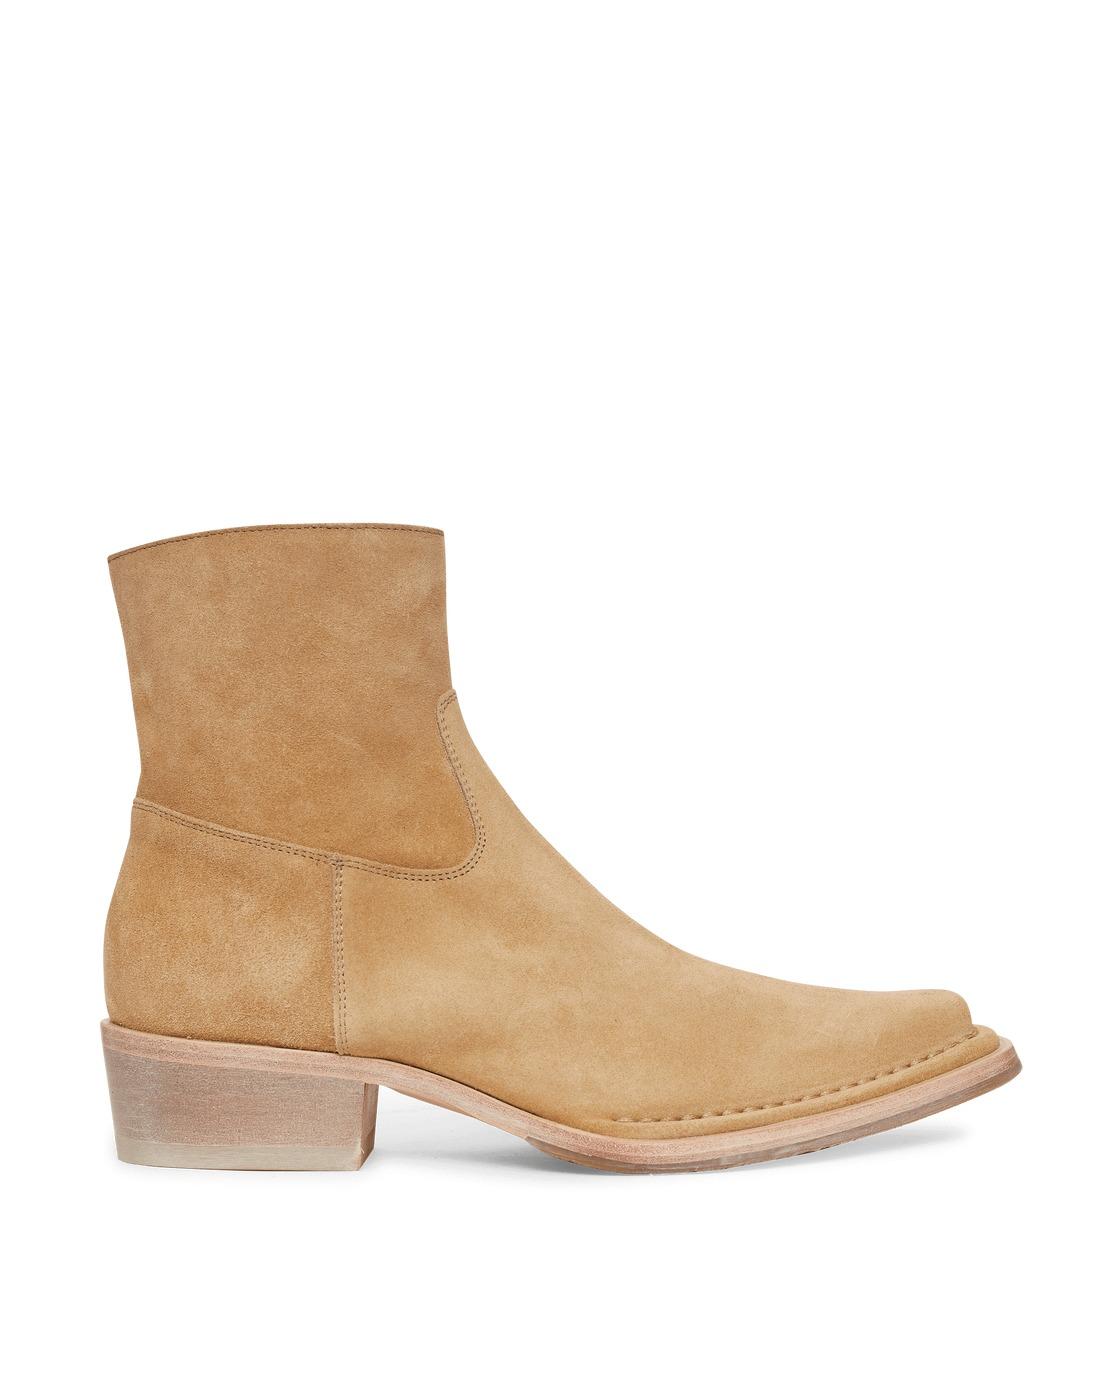 Photo: Acne Studios Suede Boots Desert Beige